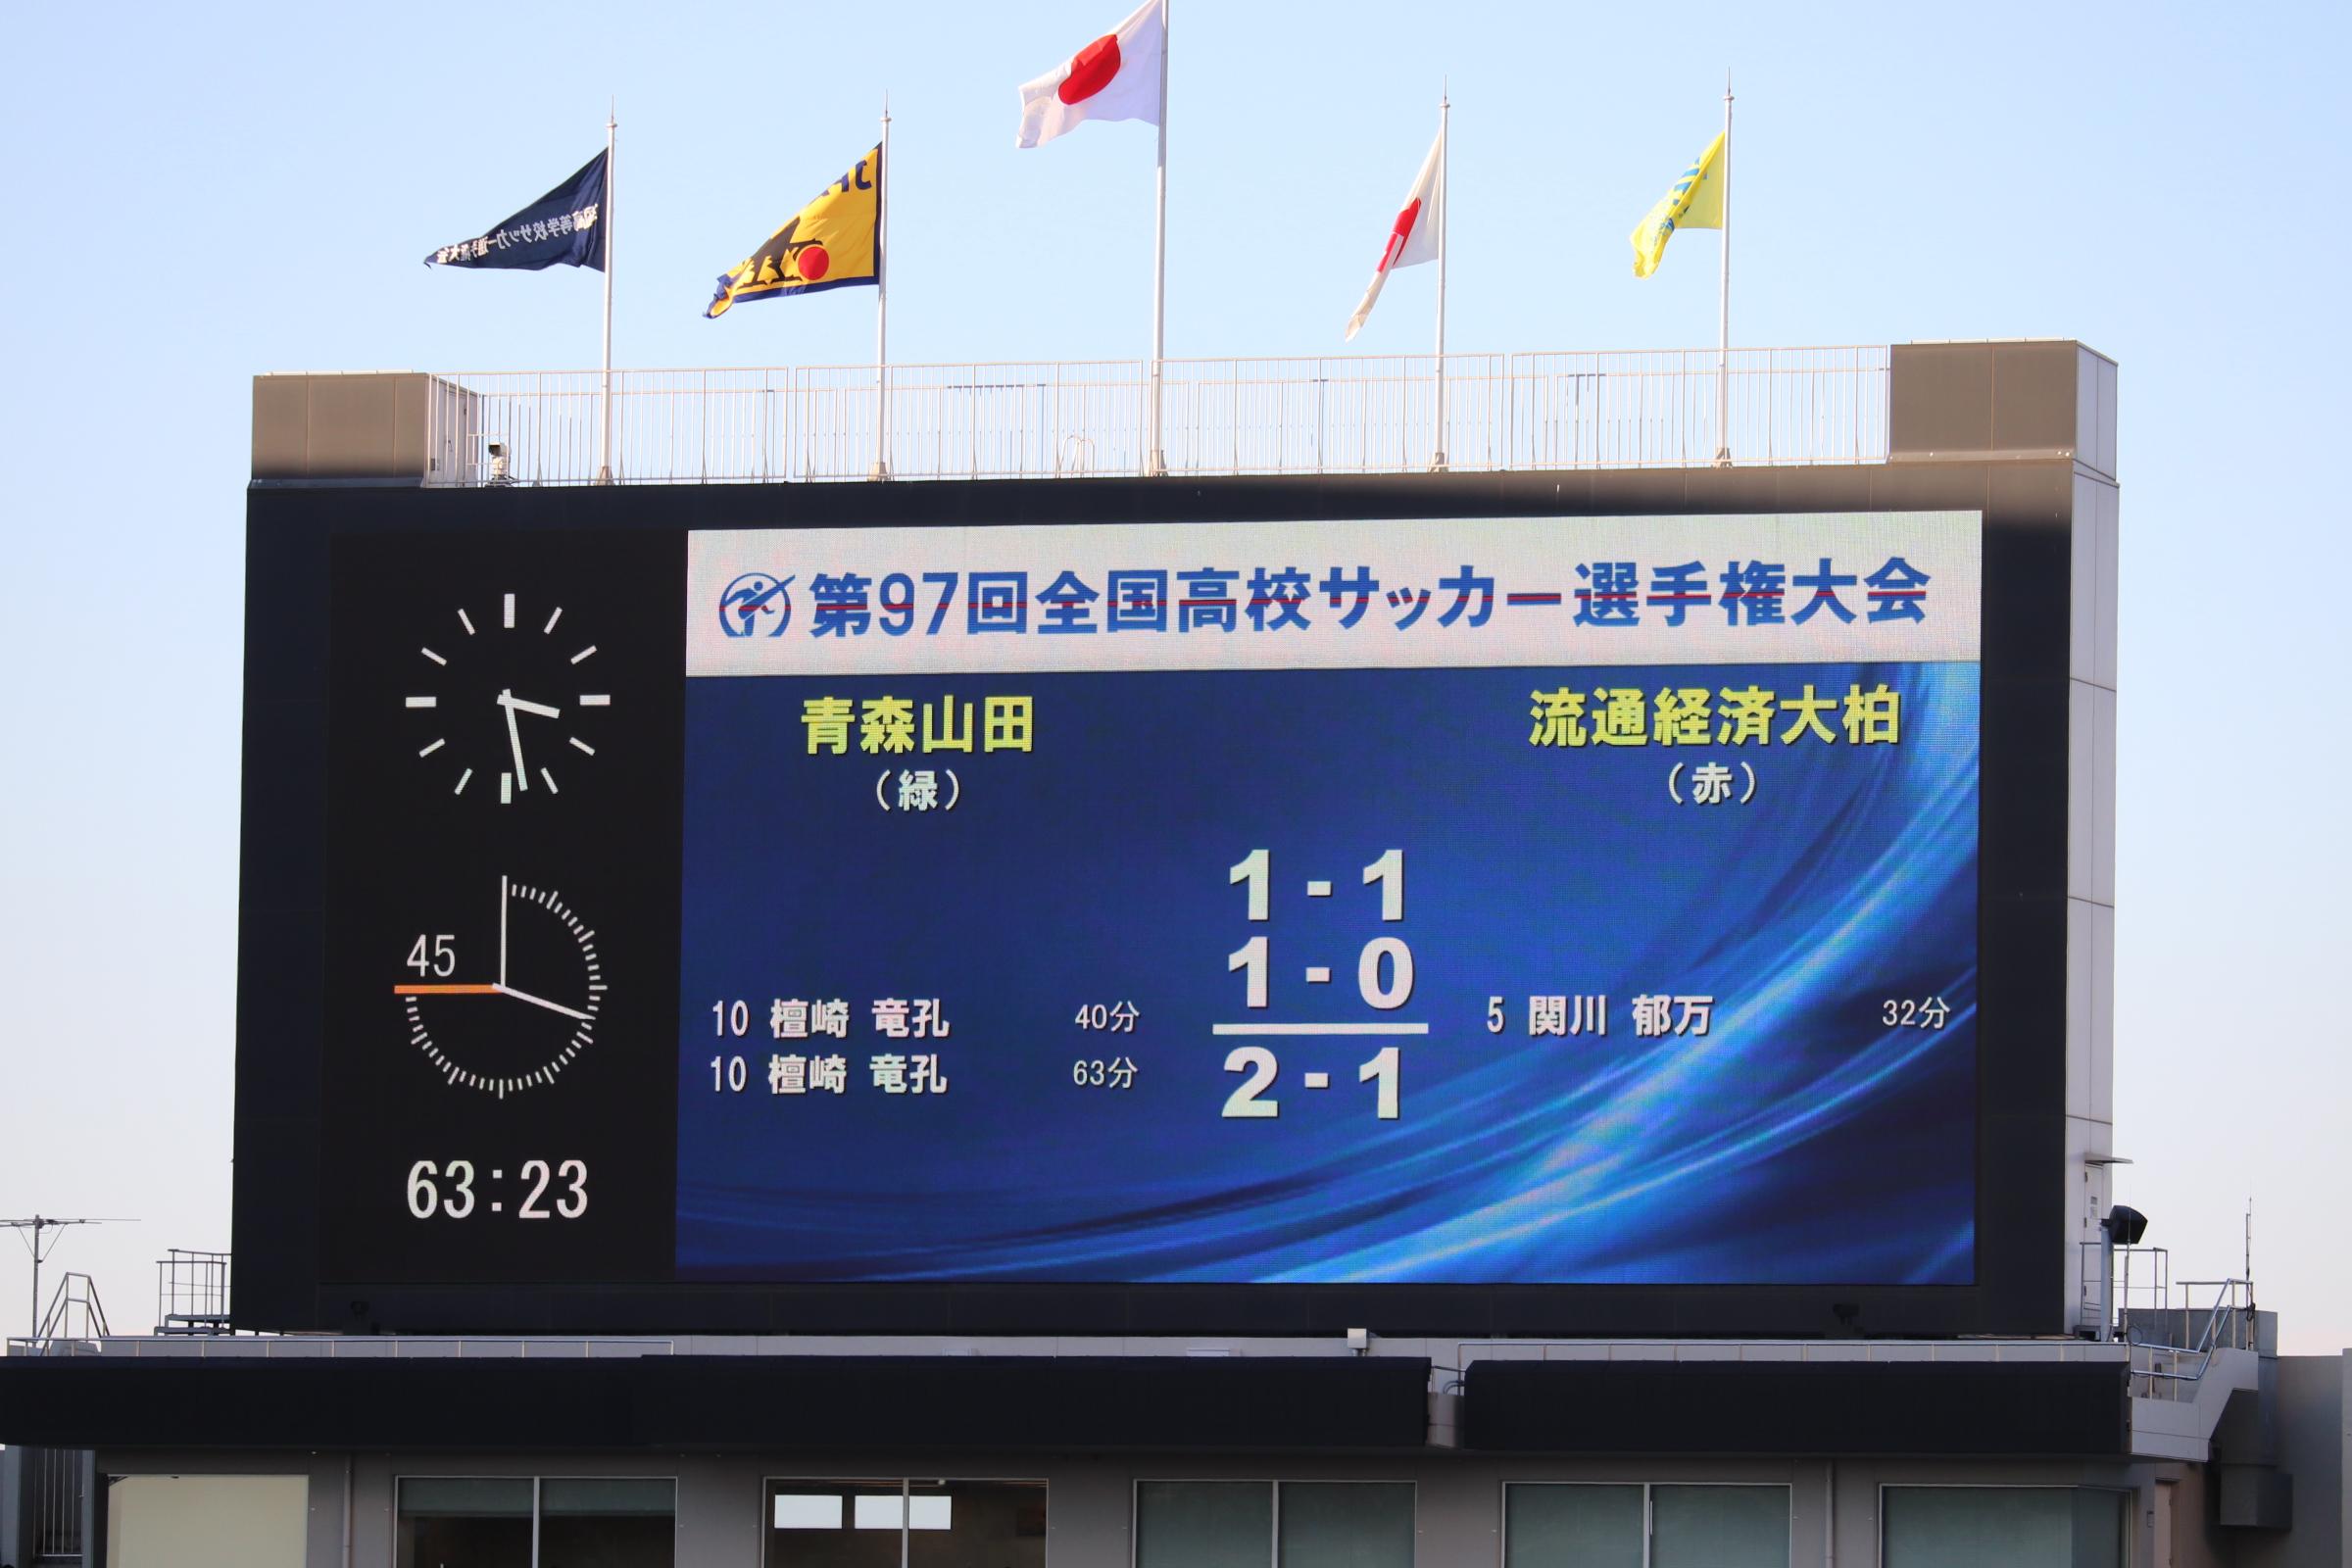 青森山田が日本一!流経大柏はフロンターレラビットとナンバーワン野郎!を披露も逆転負け。